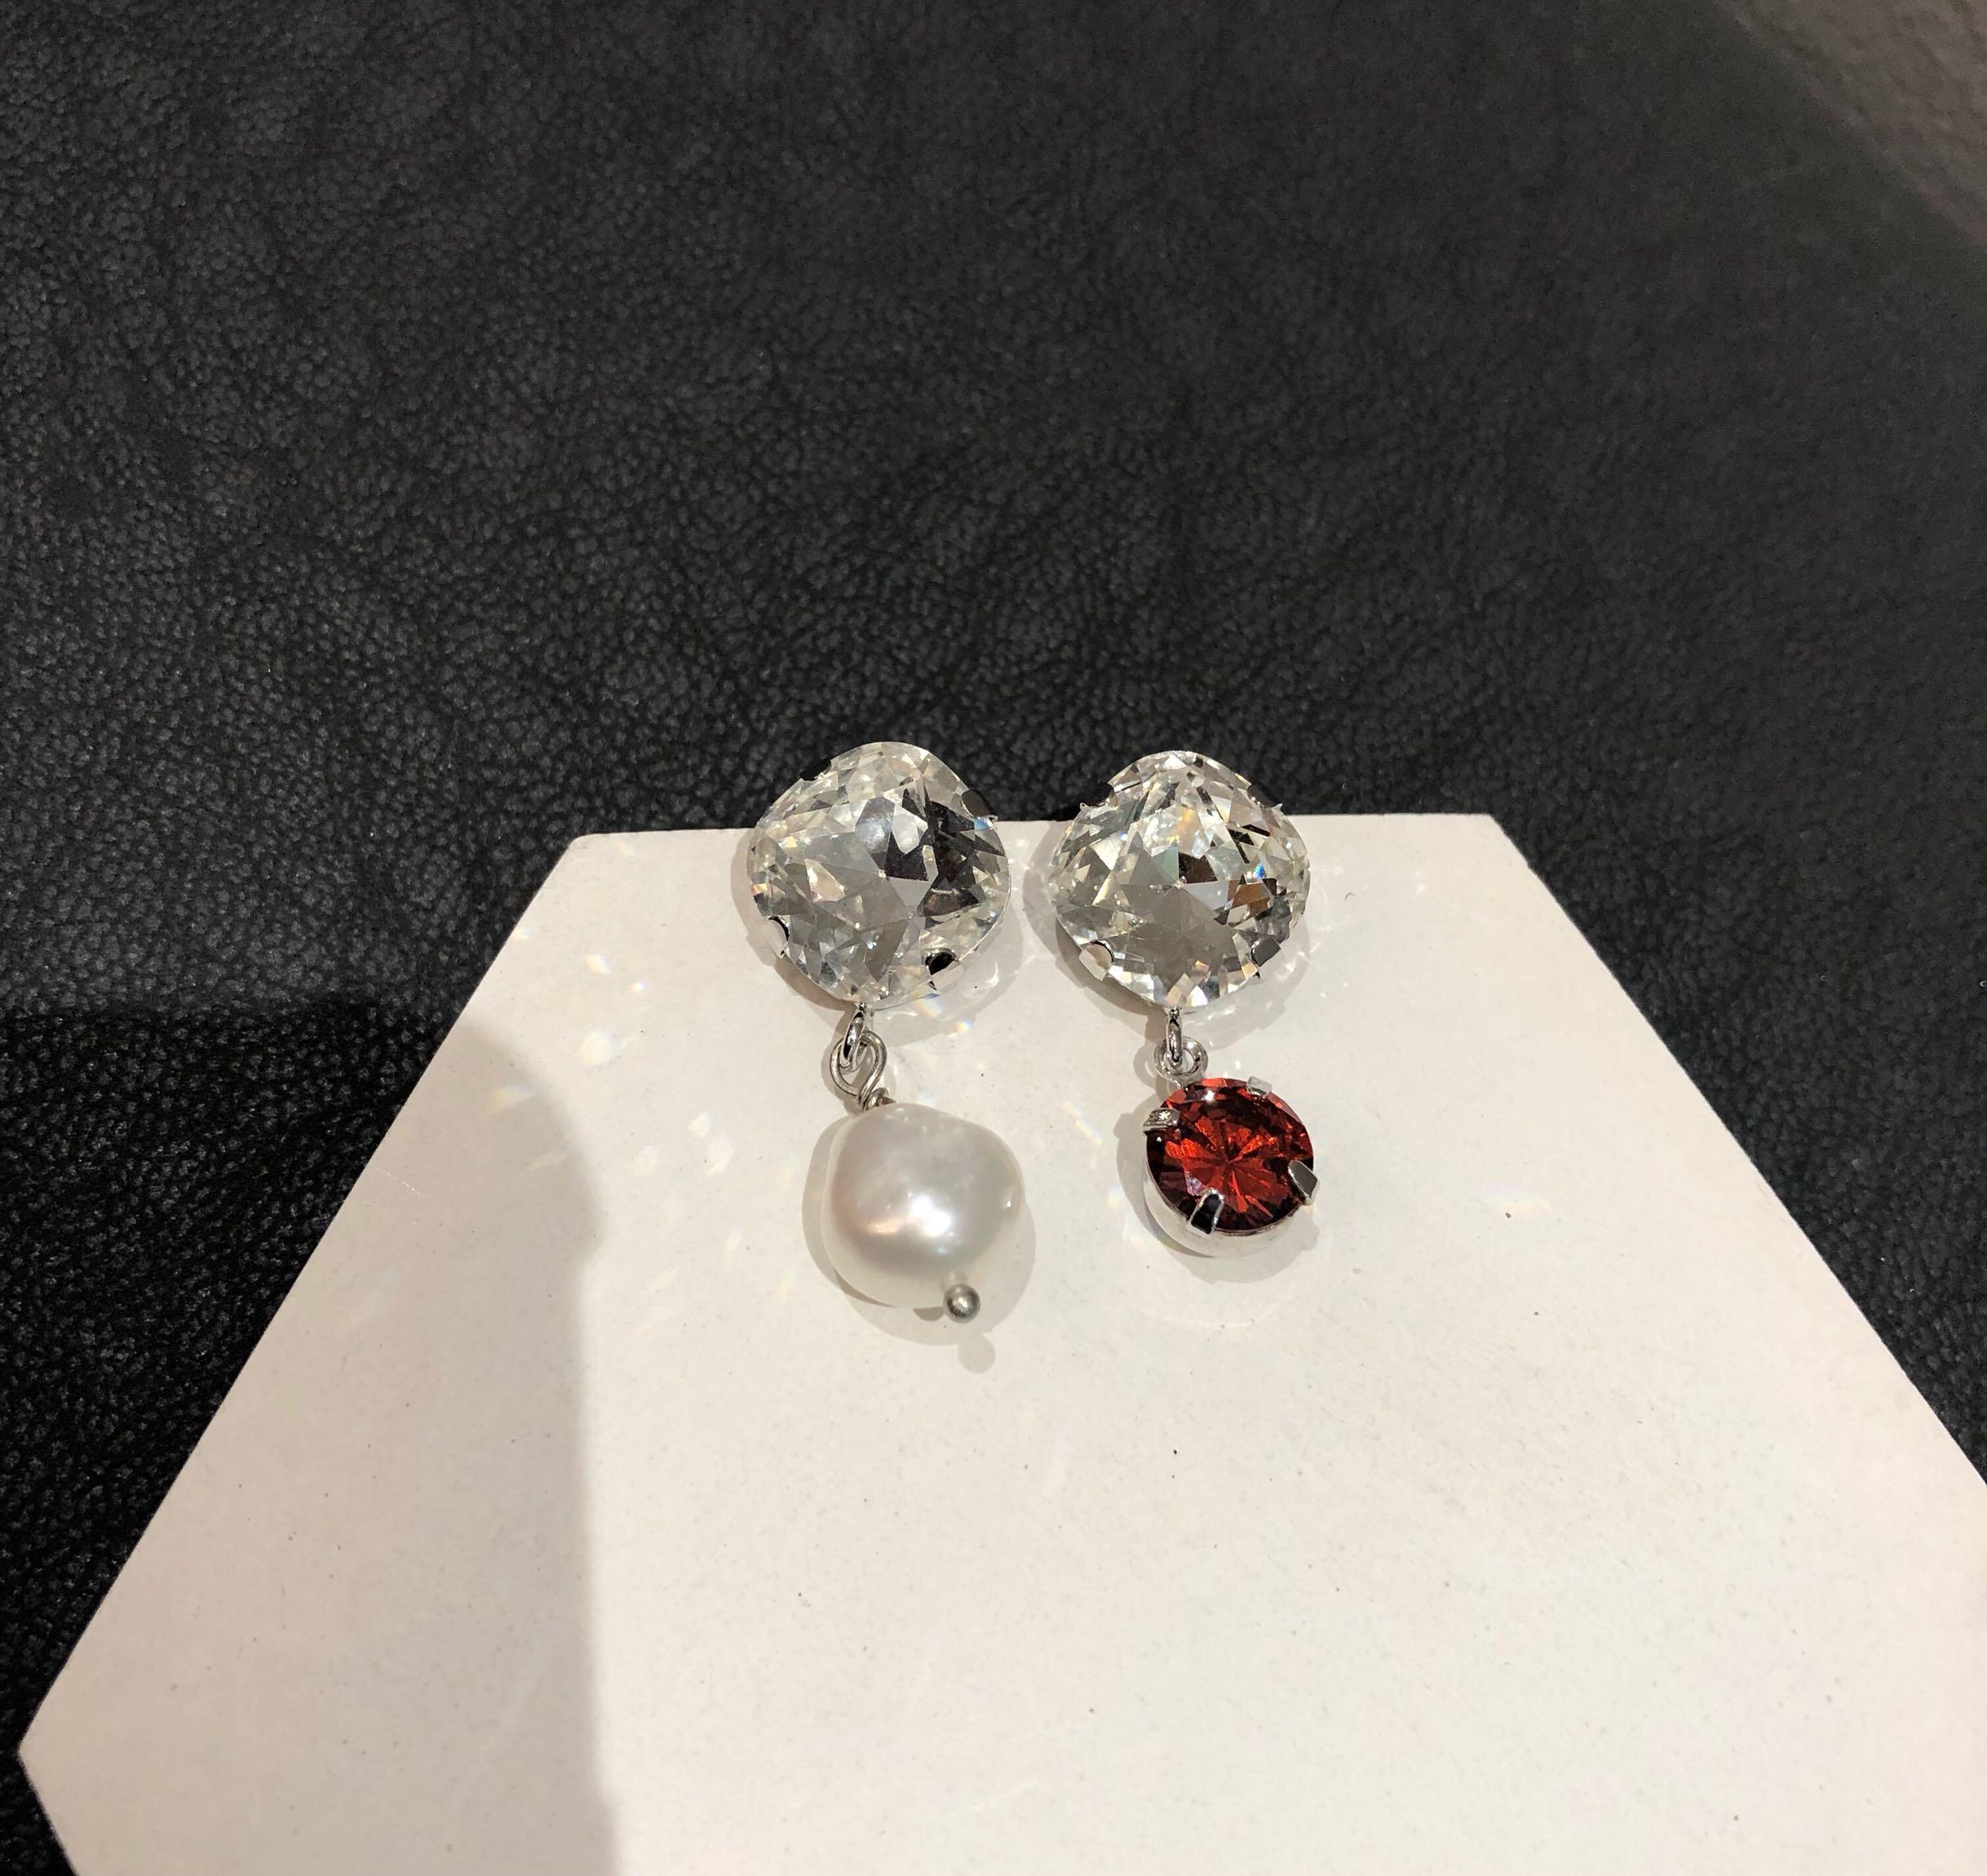 just混搭耳钉欧美耳环流行珍珠闪耀水钻不对称耳环时尚潮流女耳环图片